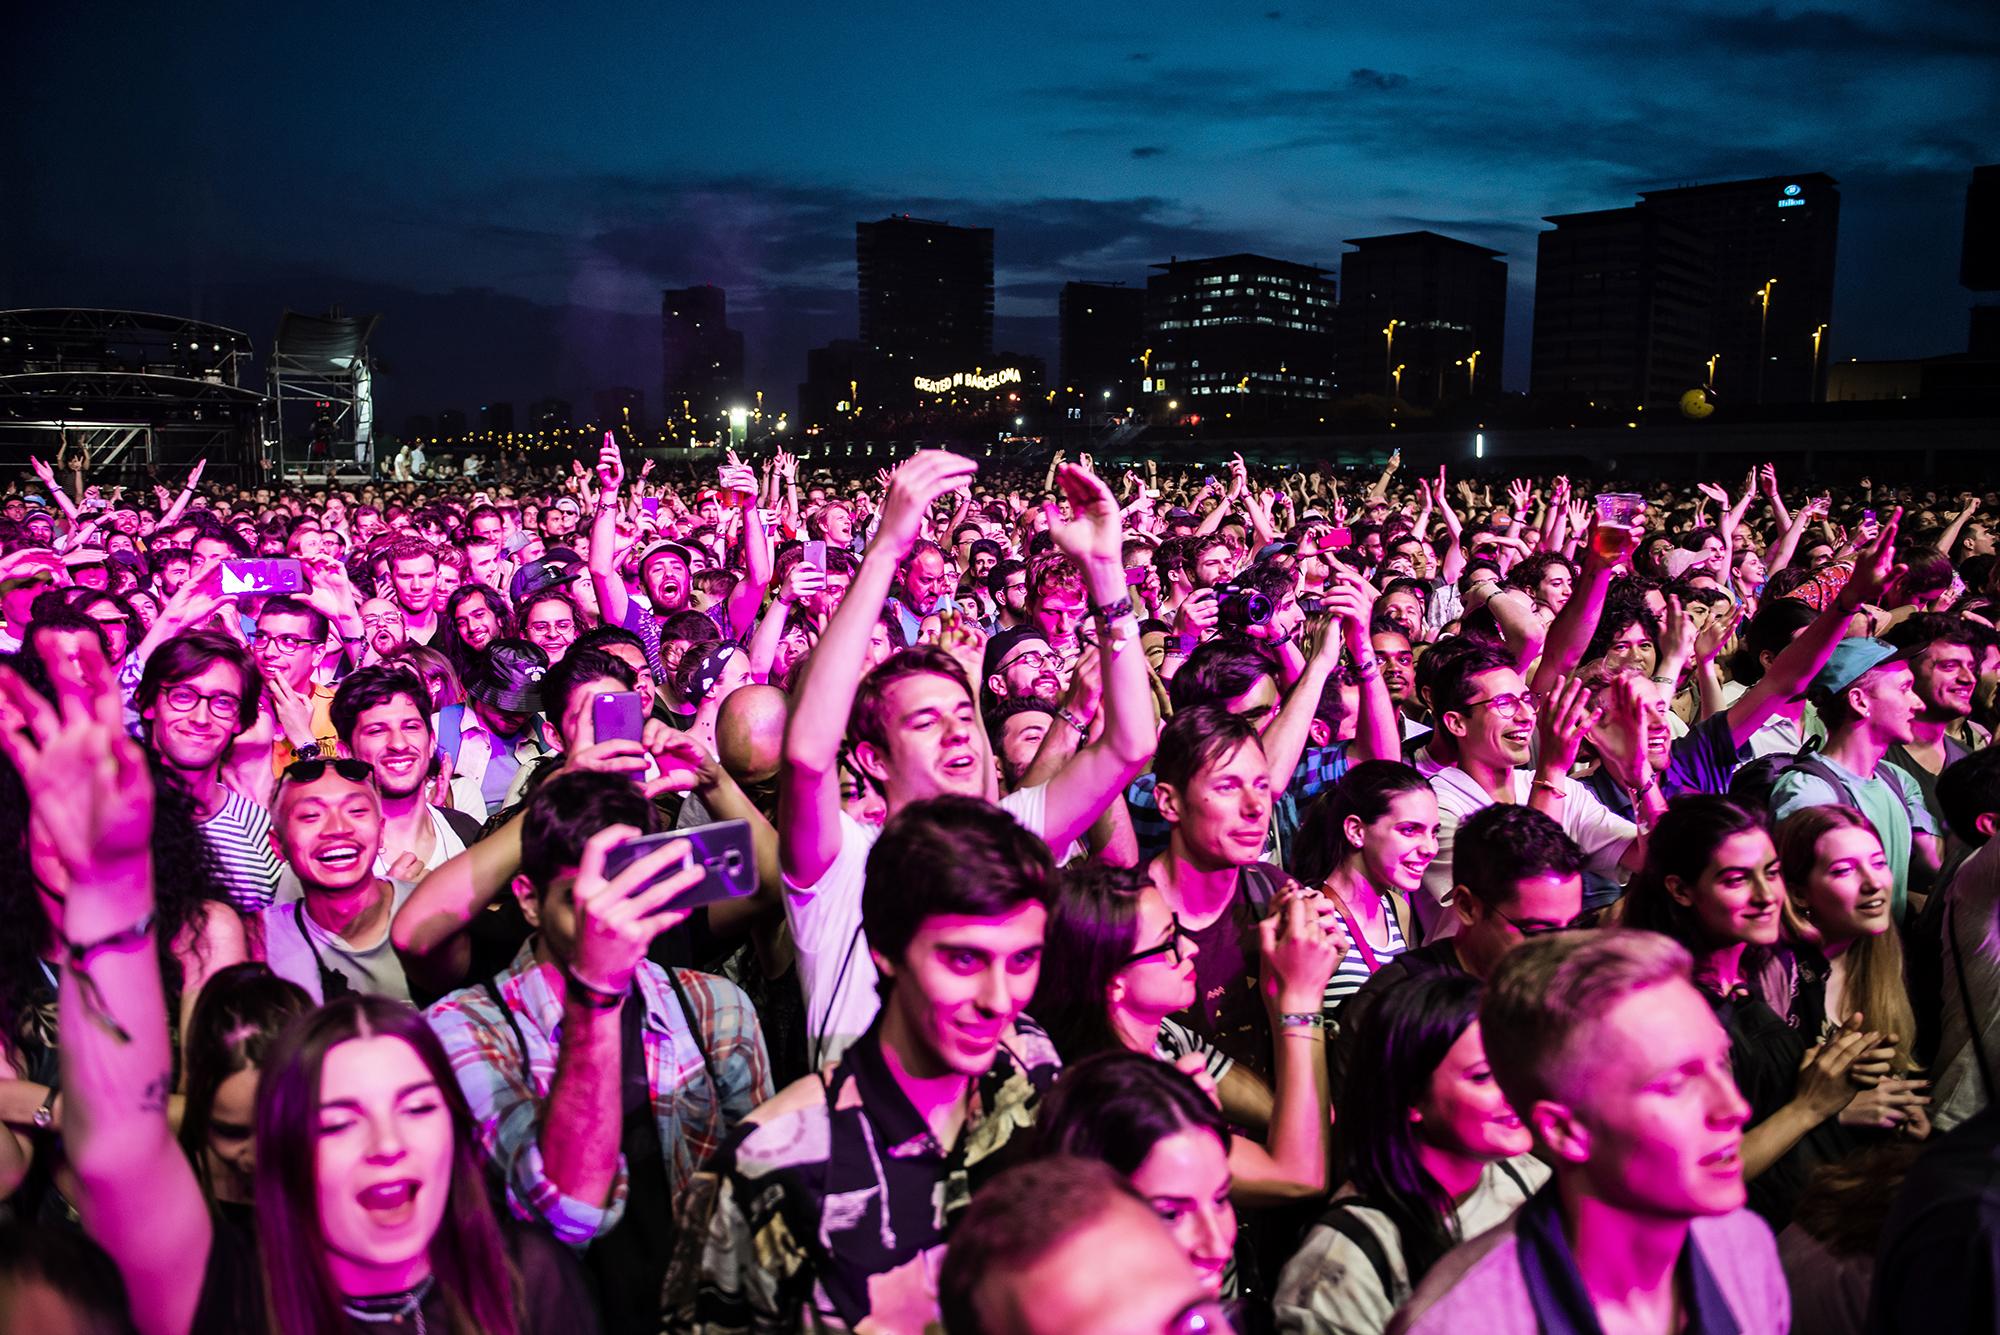 Primavera Sound Festival Again Dazzles With a Gender-Inclusive Lineup